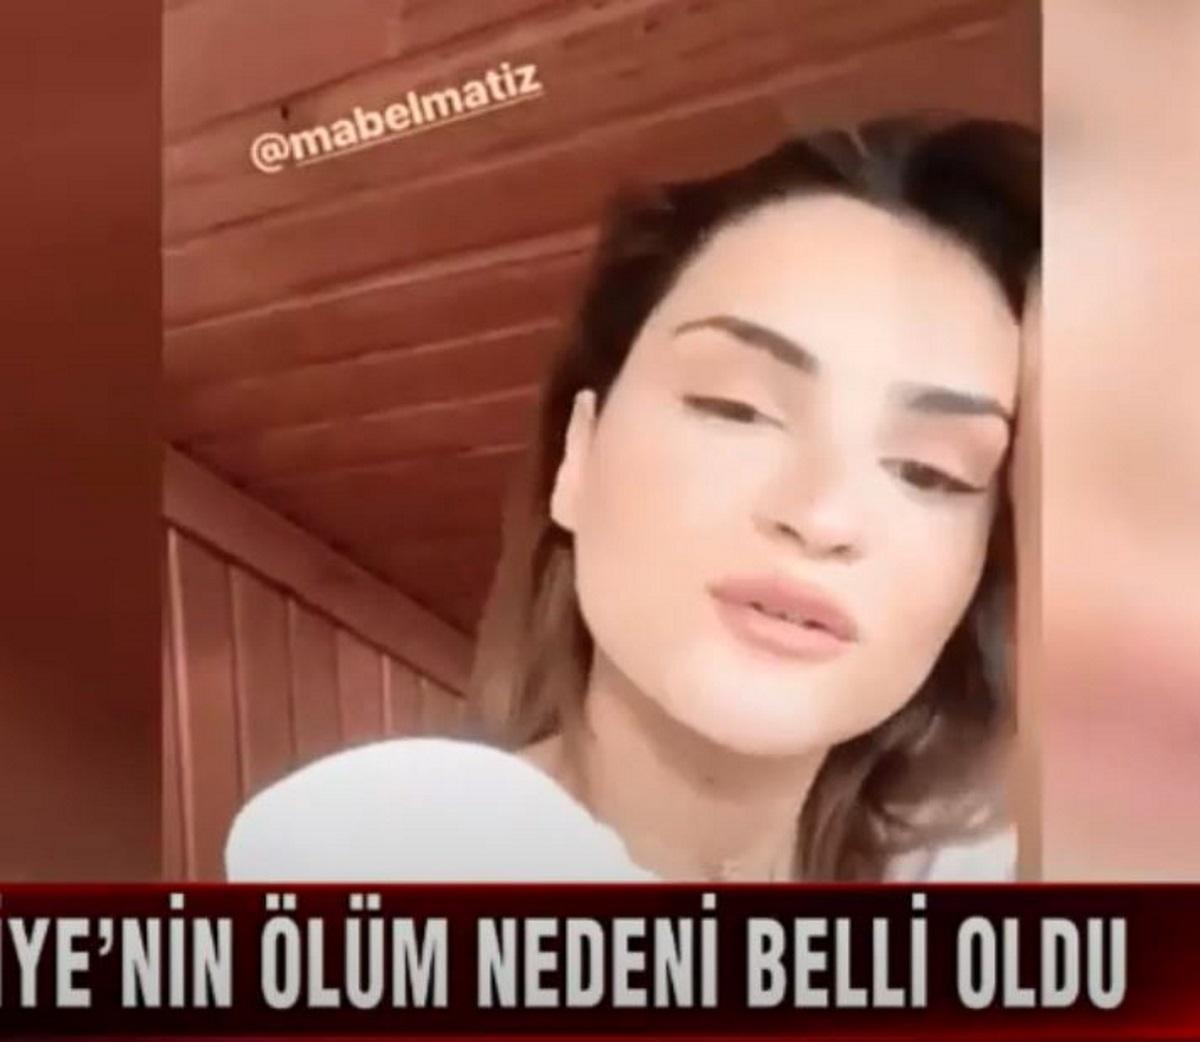 Τουρκία: Θάνατος – μυστήριο 28χρονης ηθοποιού – Οι φίλοι της πιστεύουν ότι δηλητηριάστηκε (pics, vid)